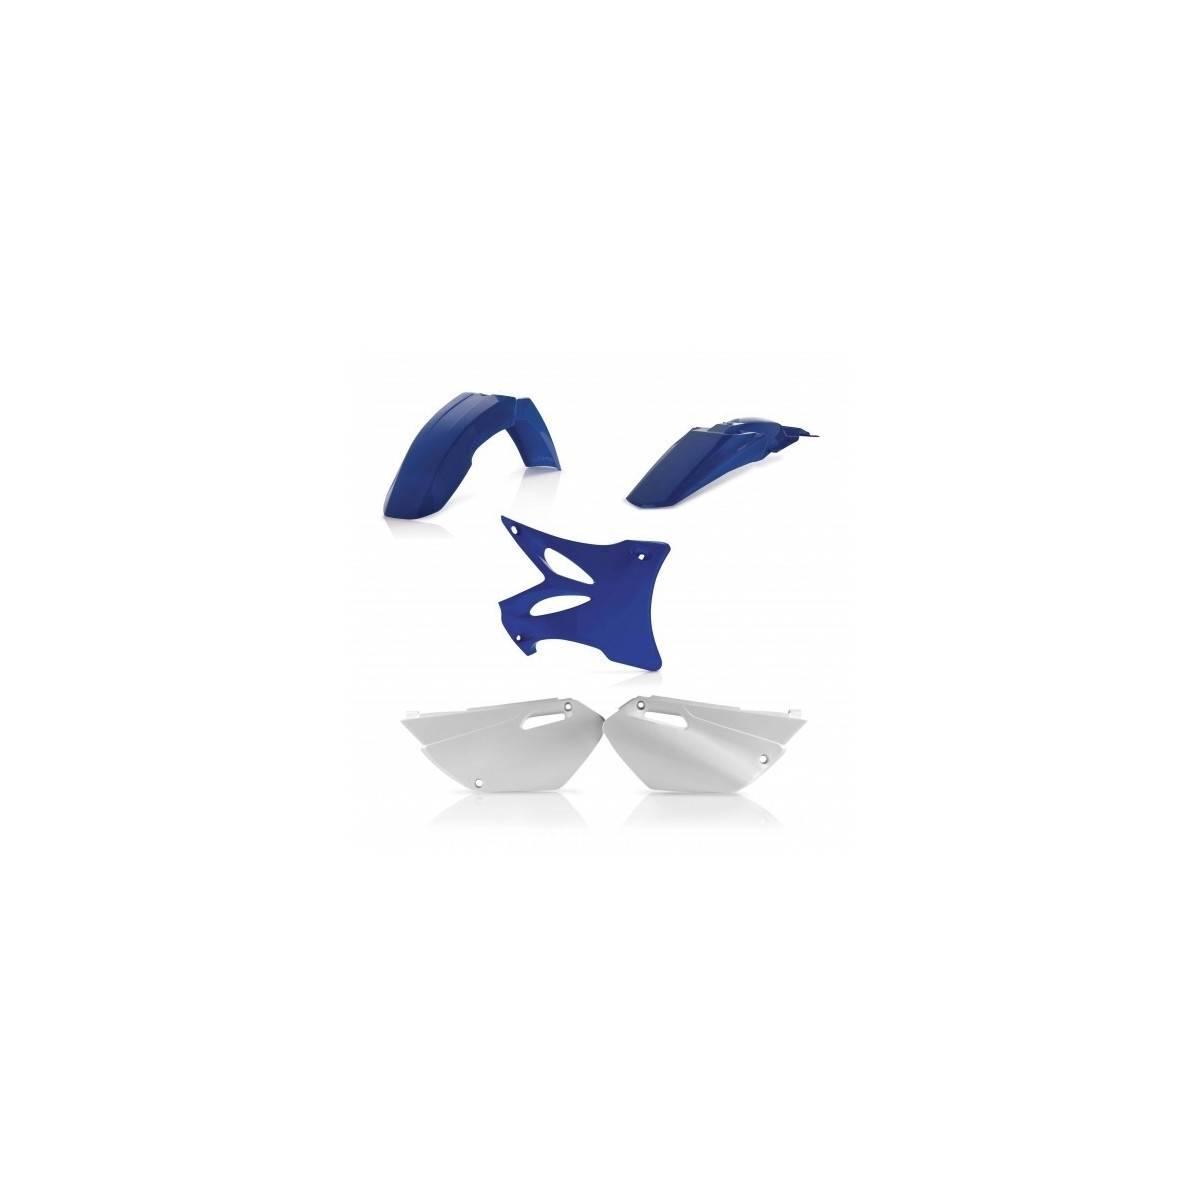 0017562-040 - Kit Plasticos Yzf 250 Yzf 450 14 17 Azul